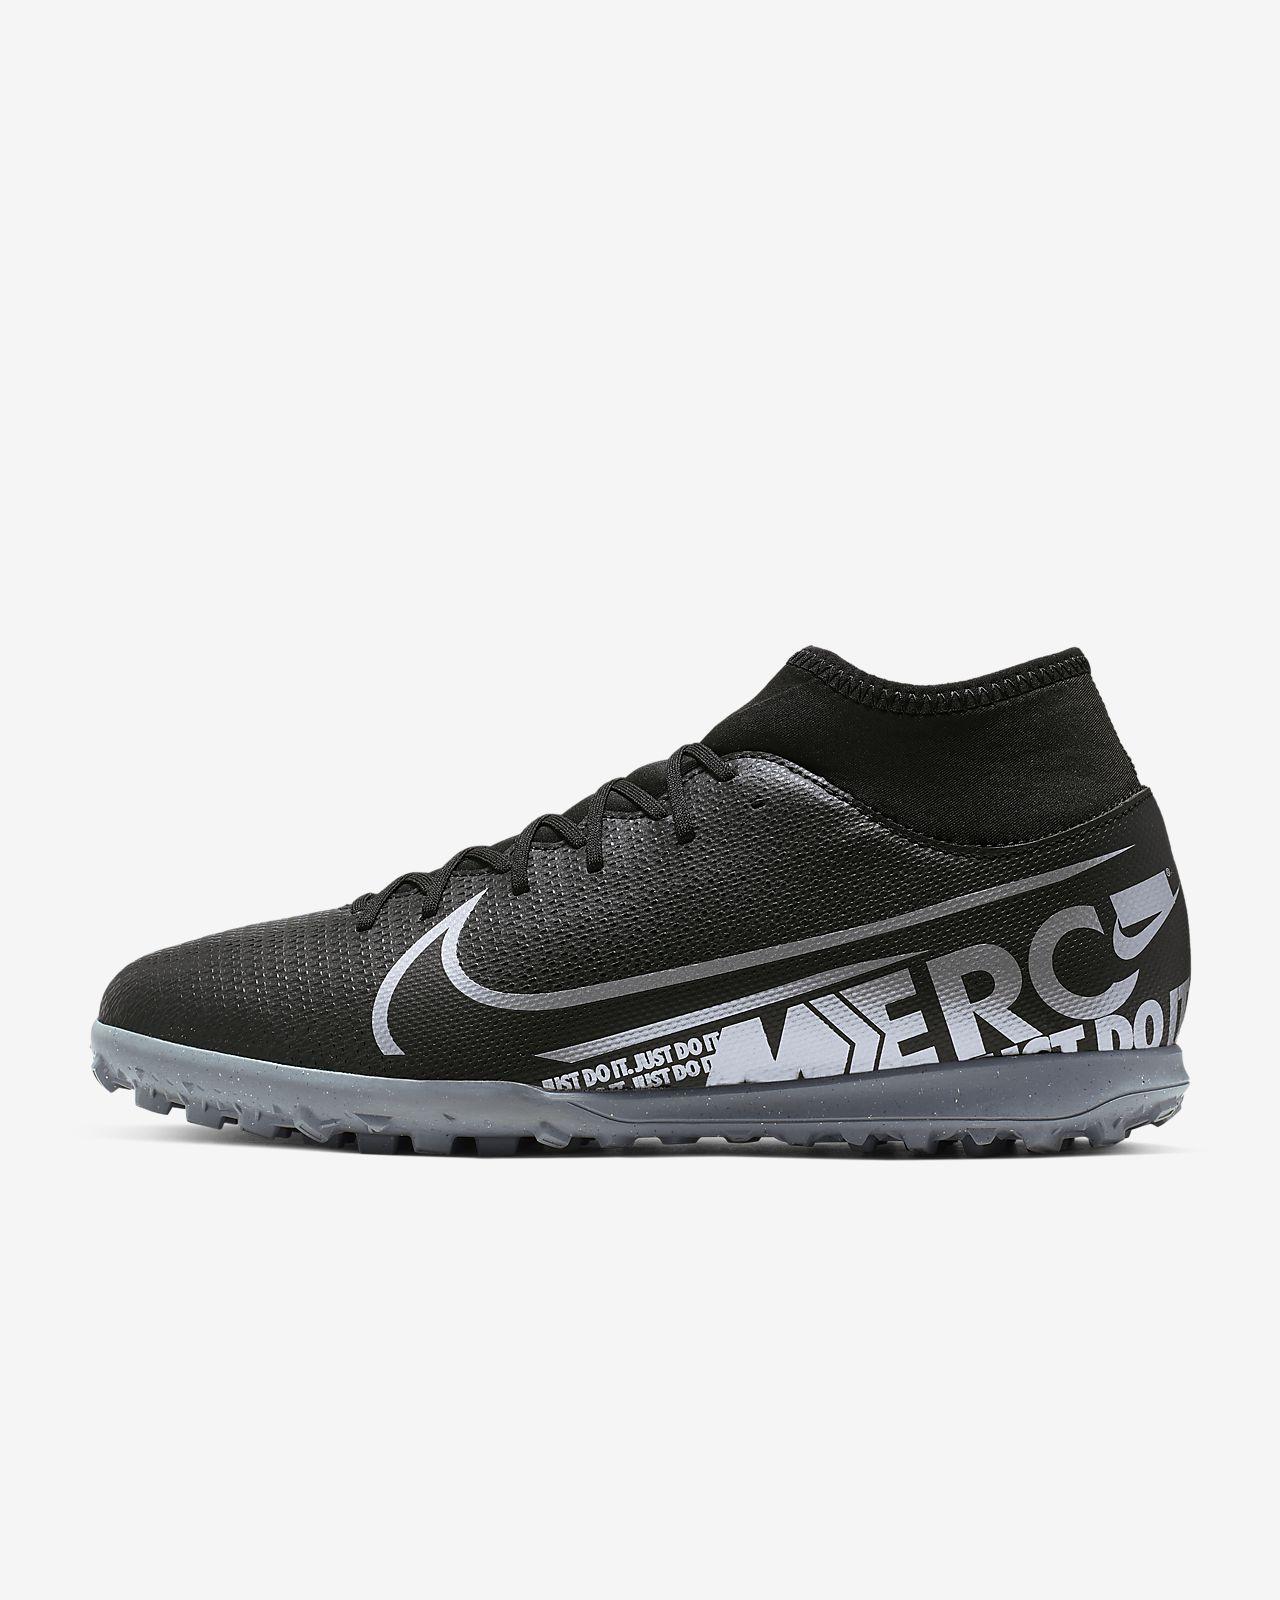 Buty piłkarskie na sztuczną nawierzchnię typu turf Nike Mercurial Superfly 7 Club TF